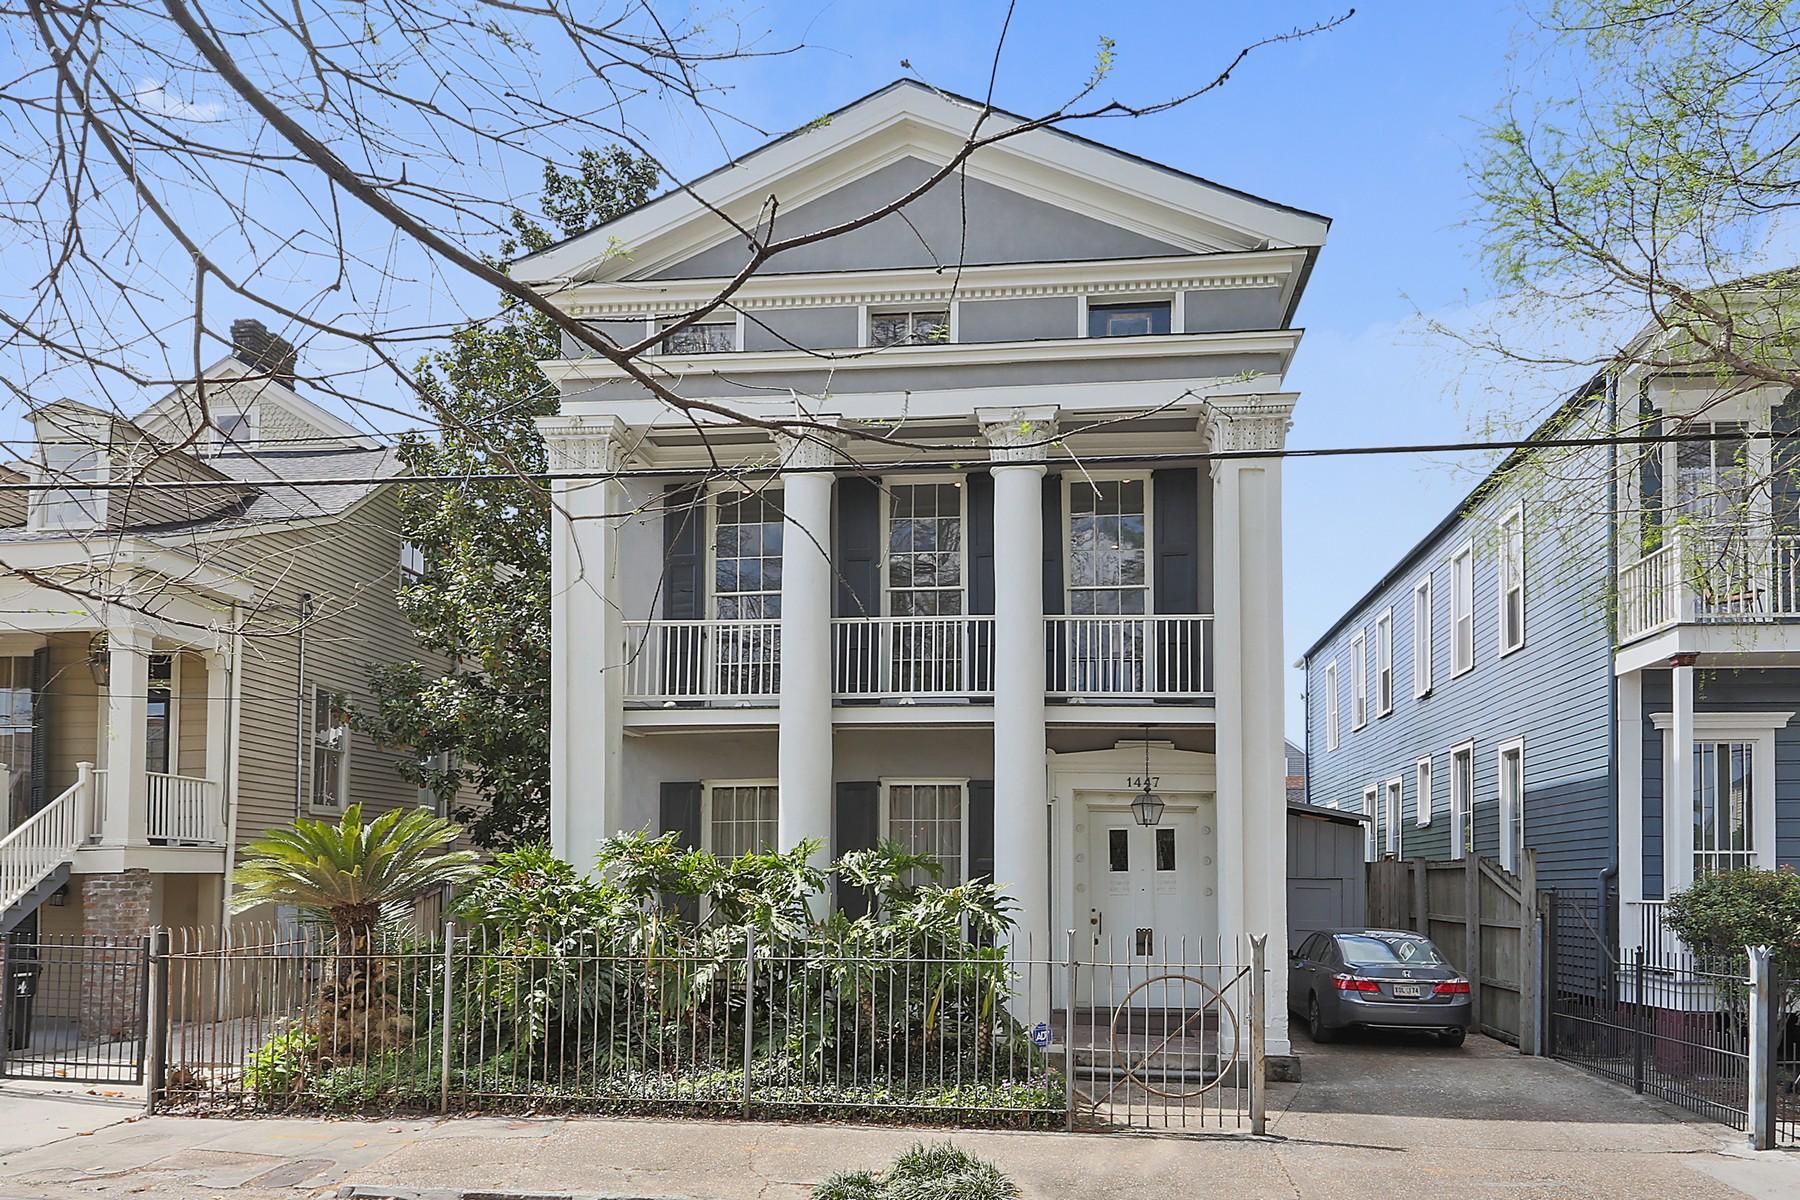 Частный односемейный дом для того Продажа на 1447 Constance Street New Orleans, Луизиана, 70130 Соединенные Штаты